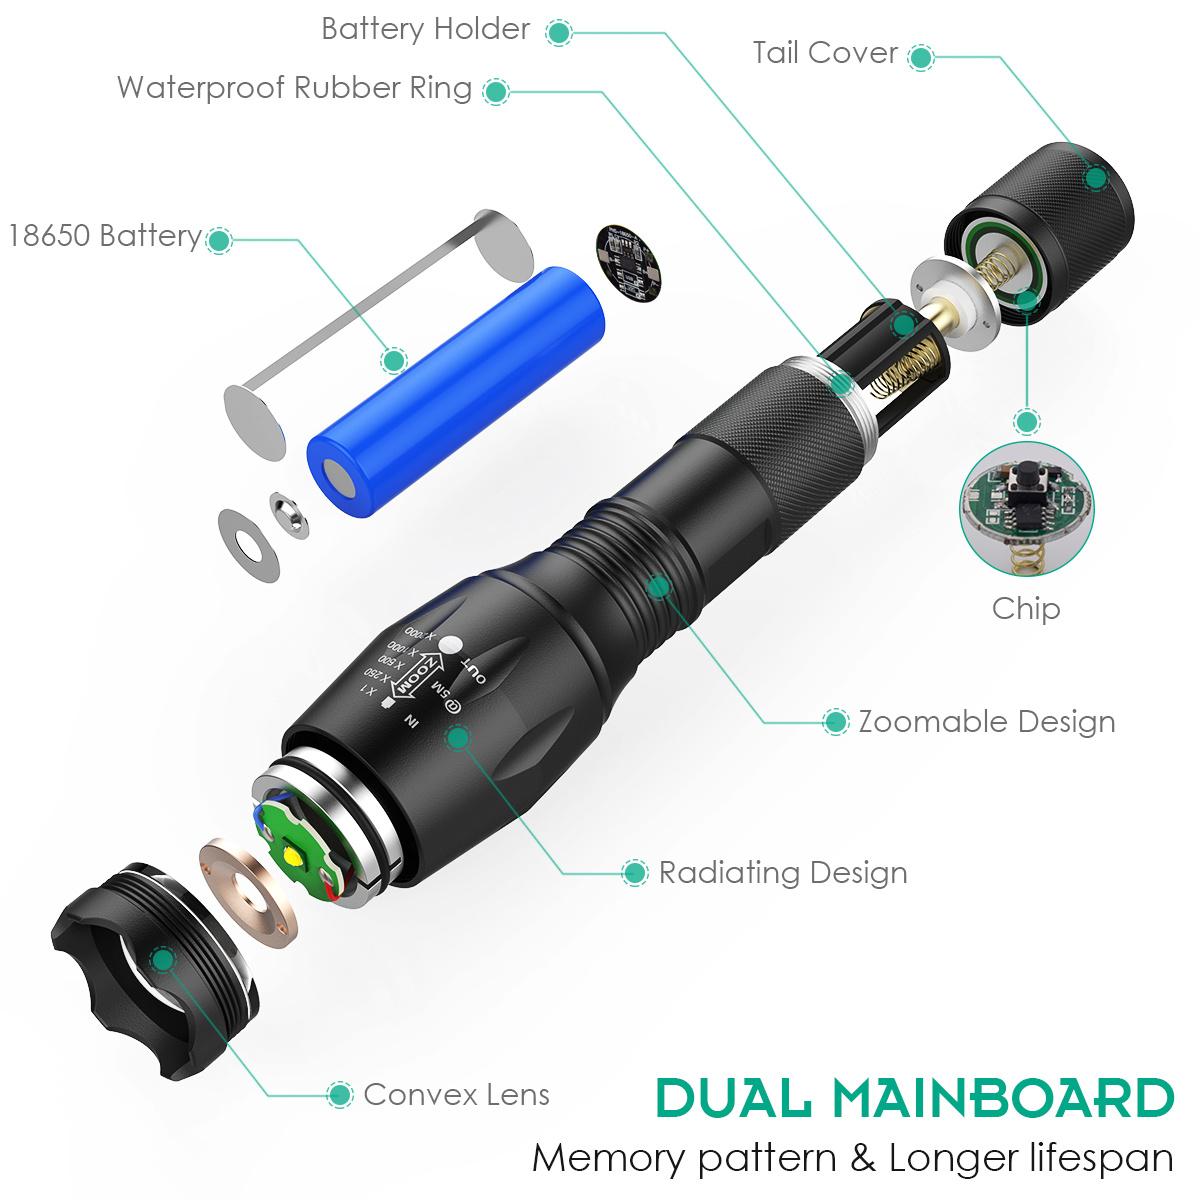 手电筒图片|工业/产品|电子产品|kevin林少 - 原创